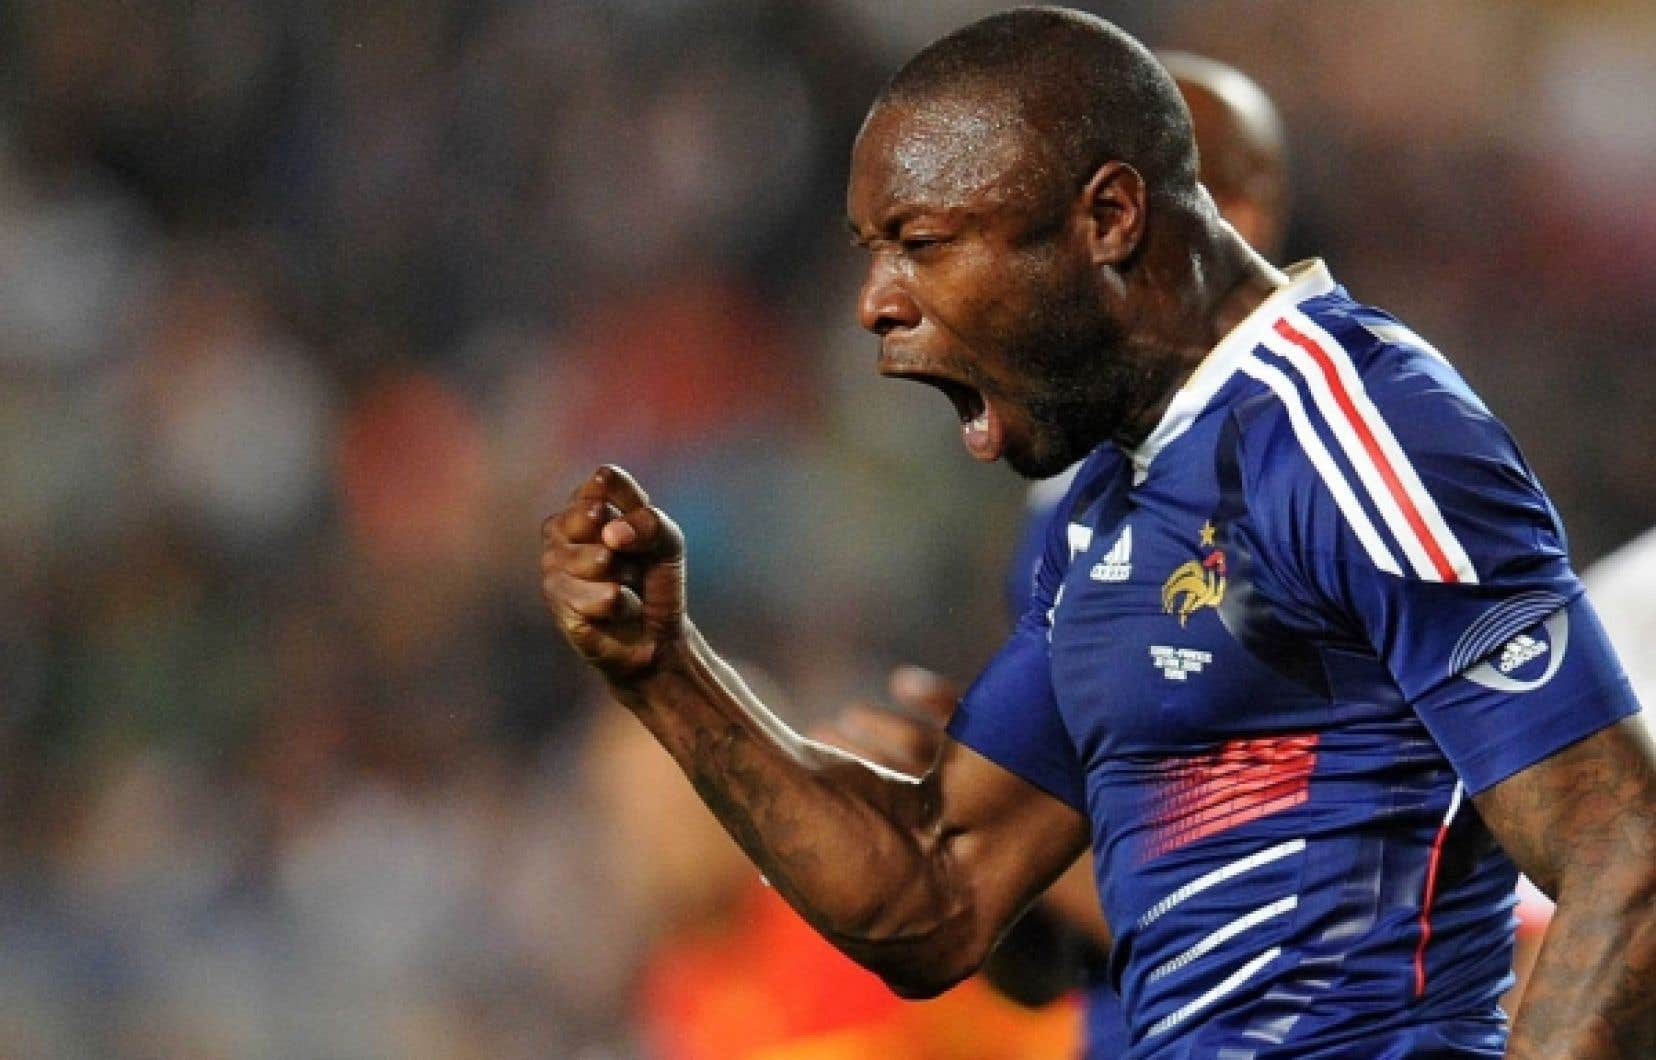 Le défenseur William Gallas, de l'équipe de France